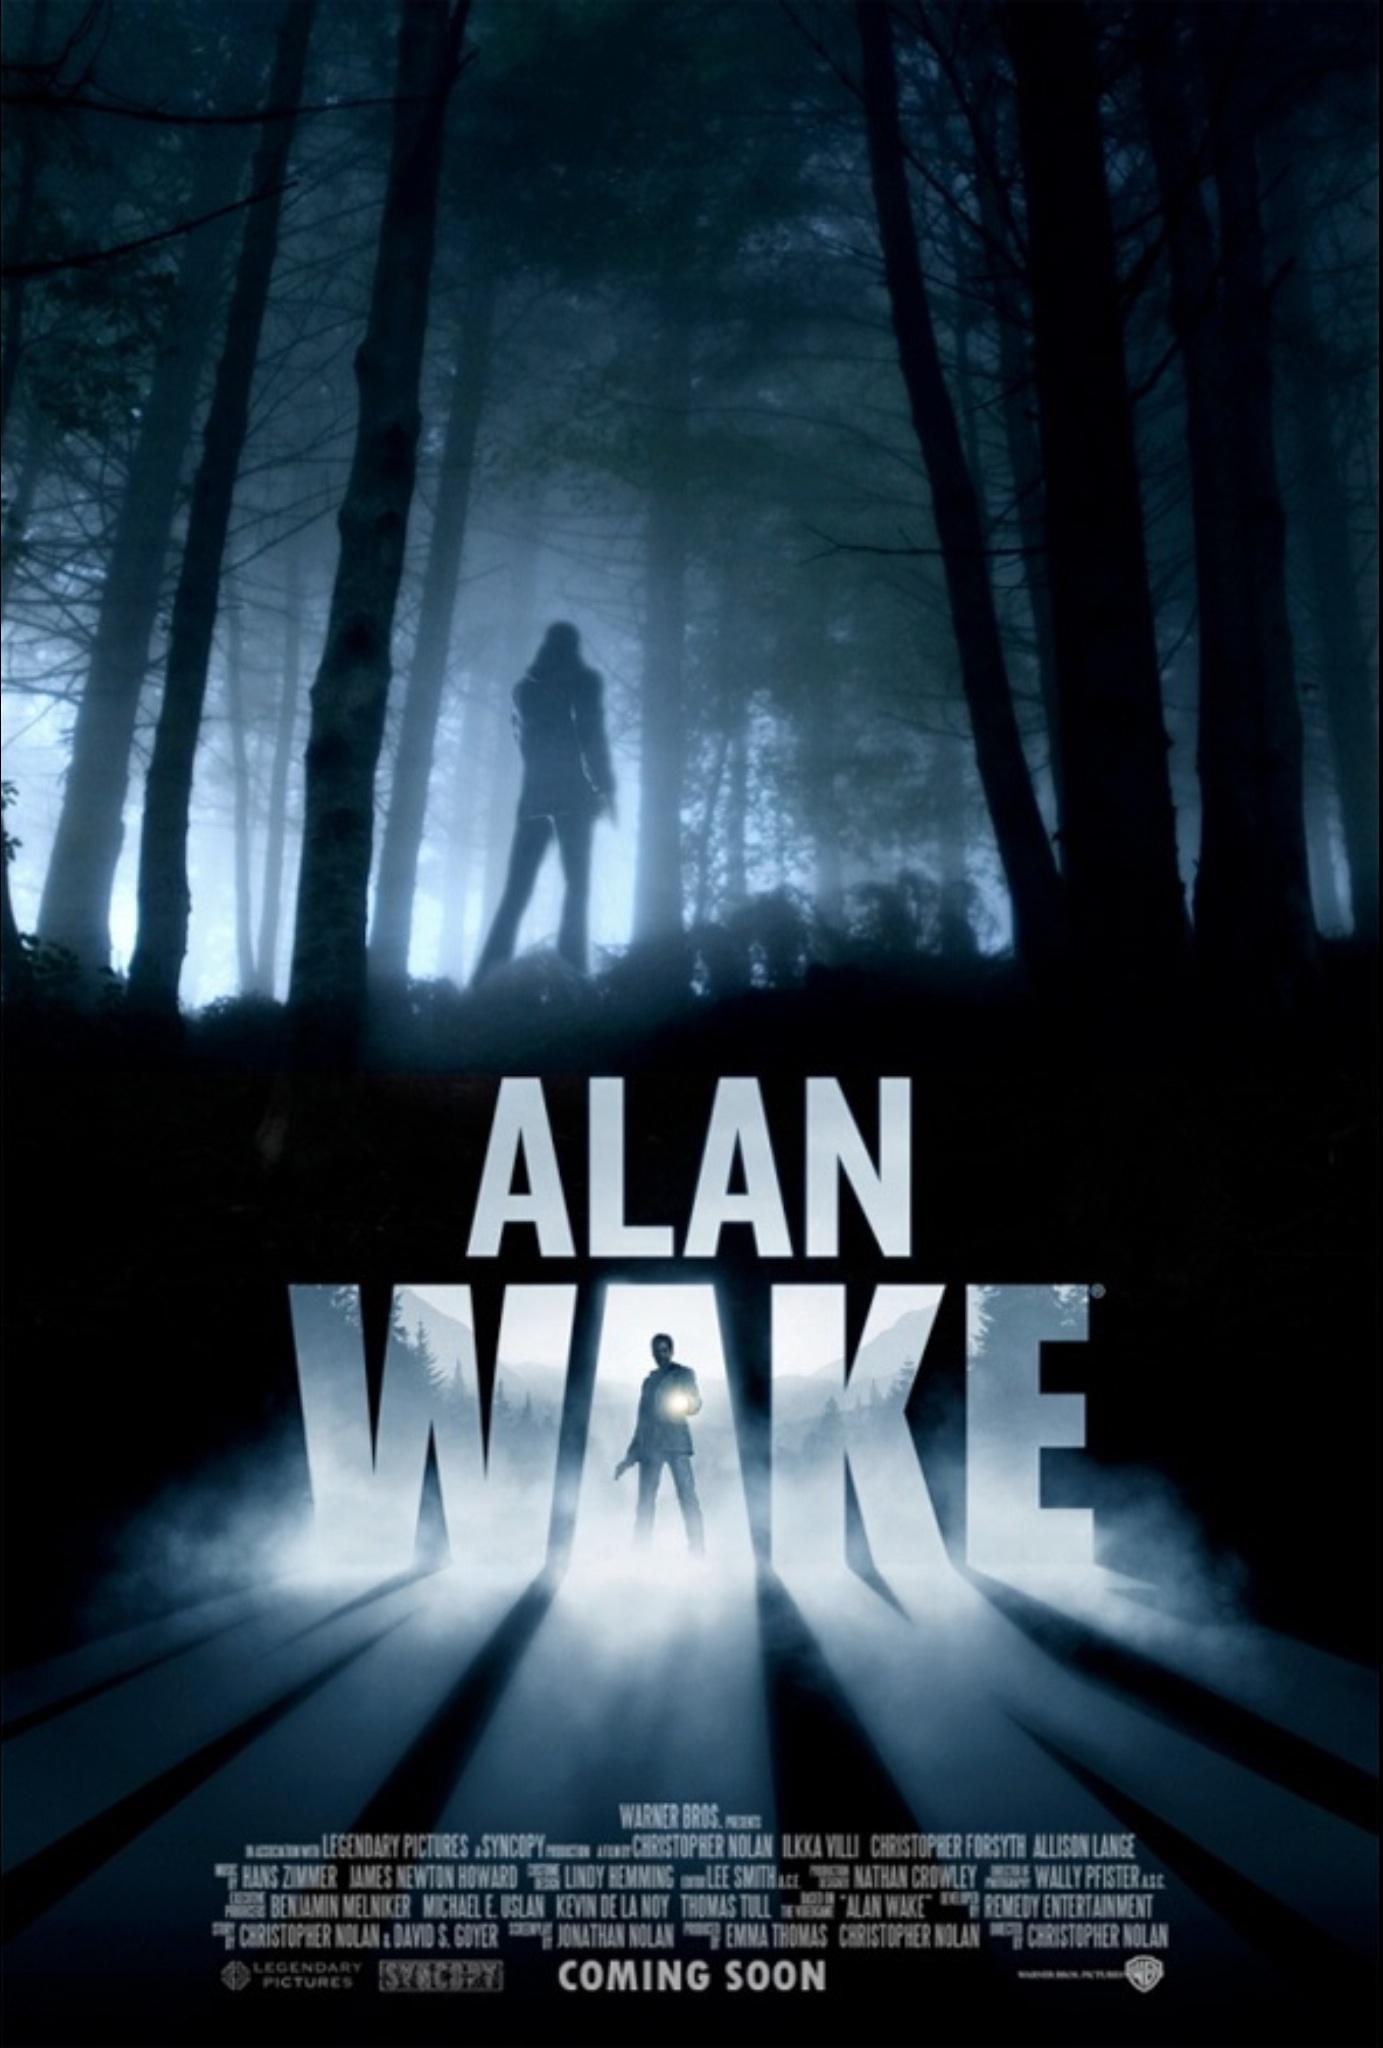 Real Video Game, Fake Movie Poster | Alan Wake